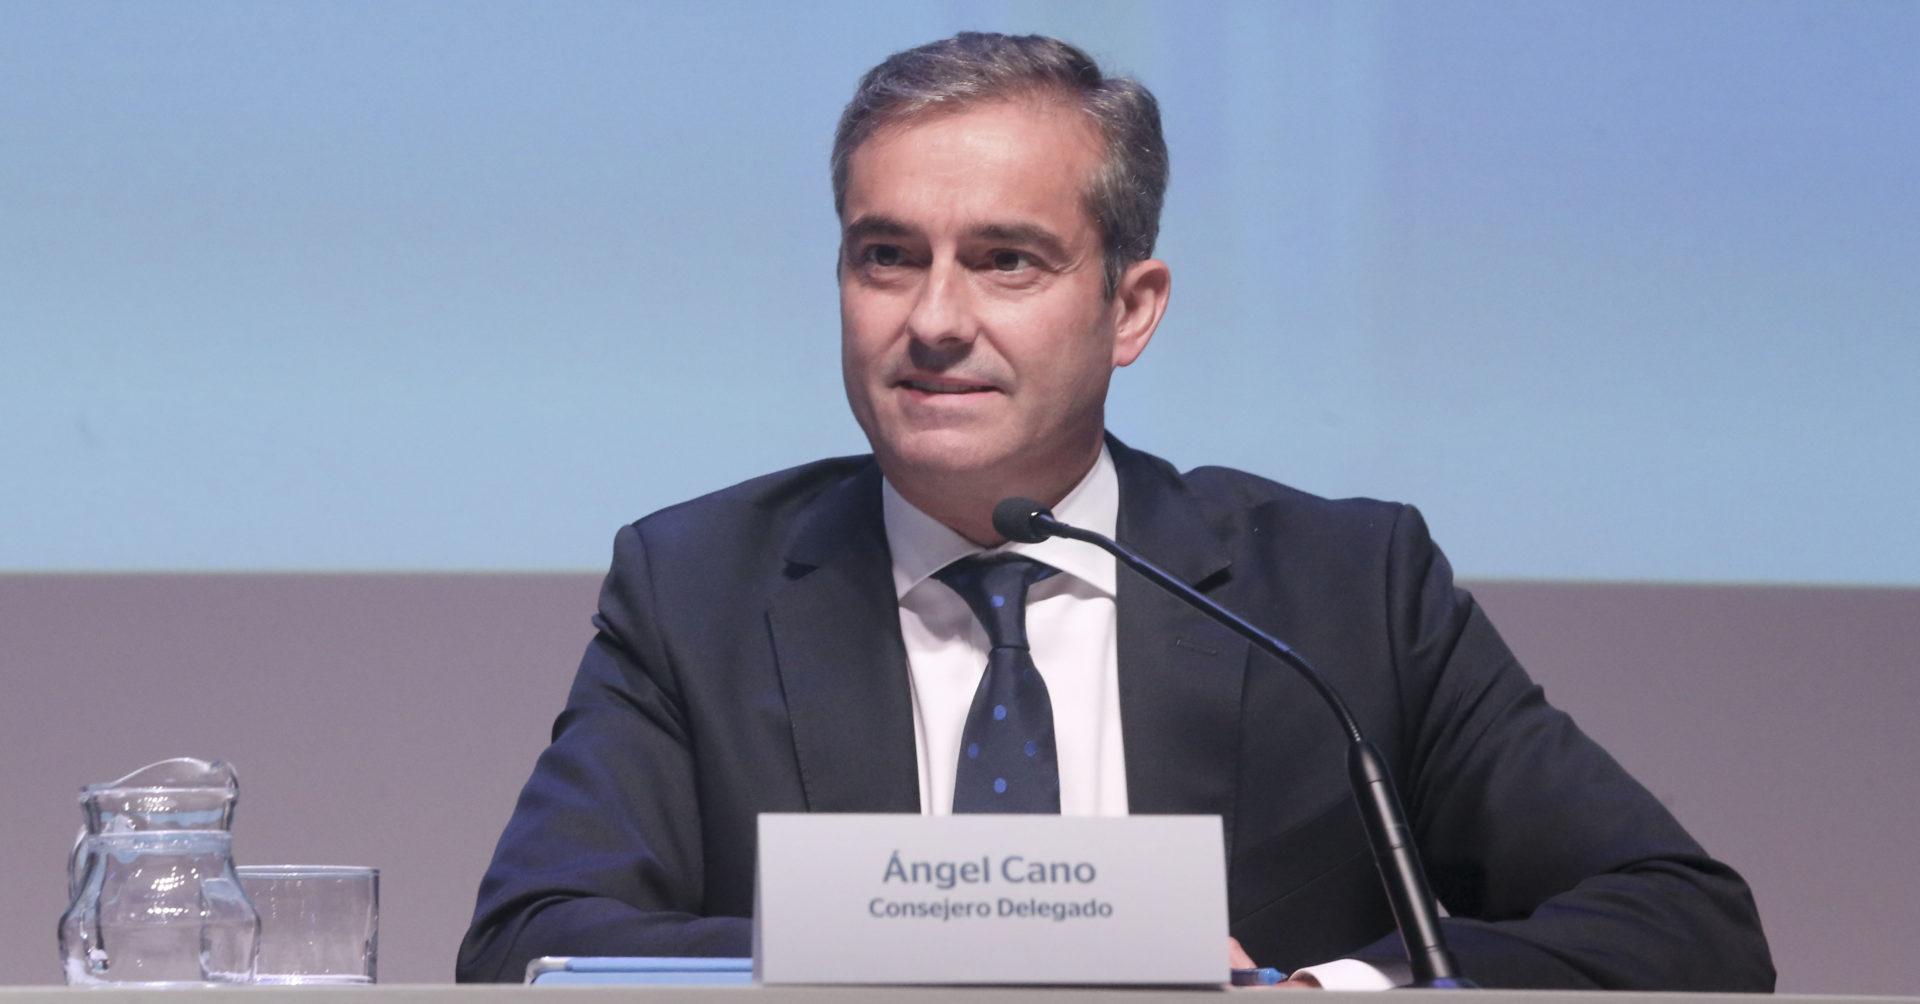 Fotografía de Ángel Cano consejero delegado de BBVA durante la presentación de Resultados 3T2014